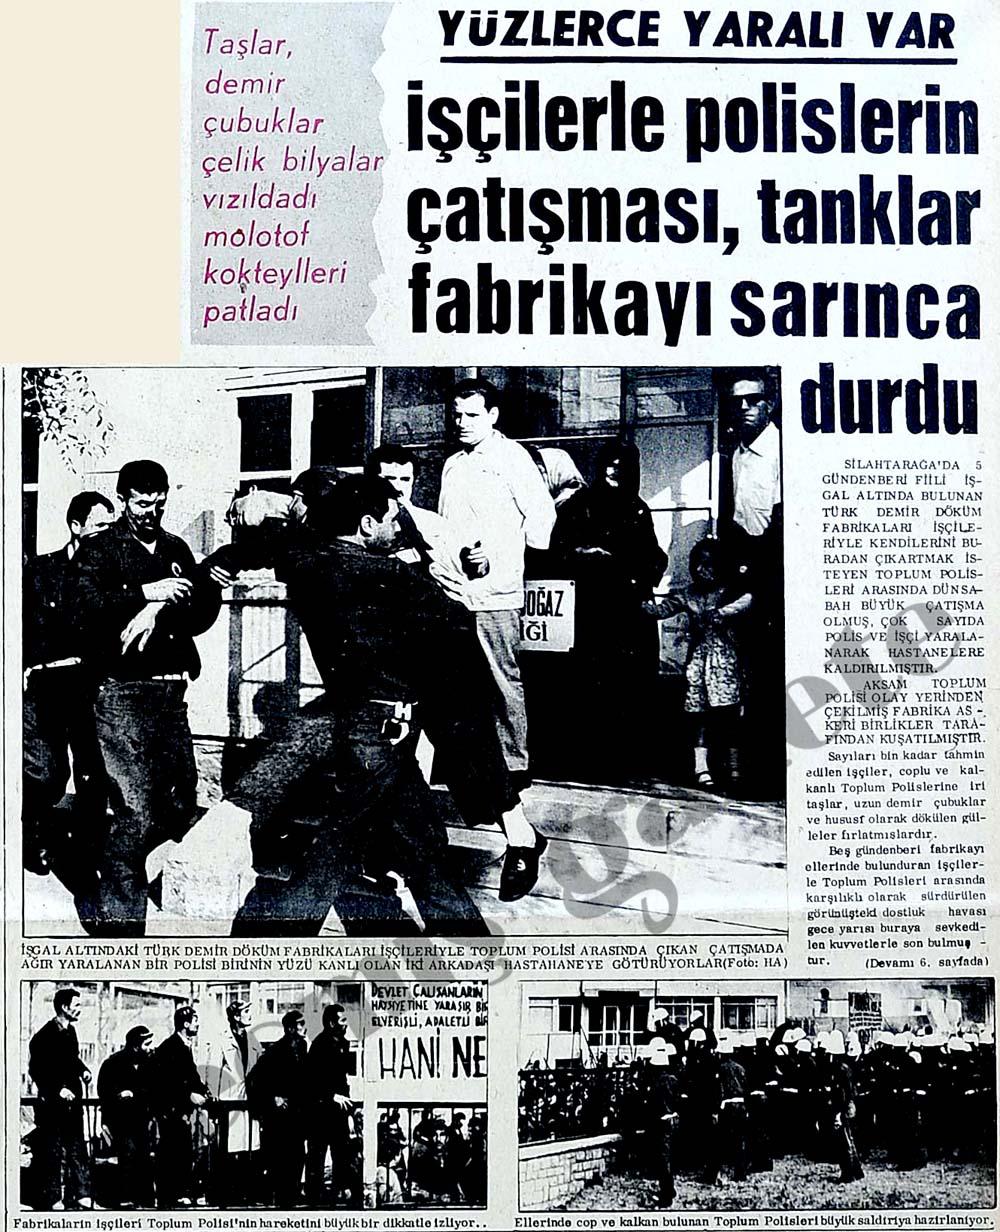 İşçilerle polislerin çatışması, tanklar fabrikayı sarınca durdu